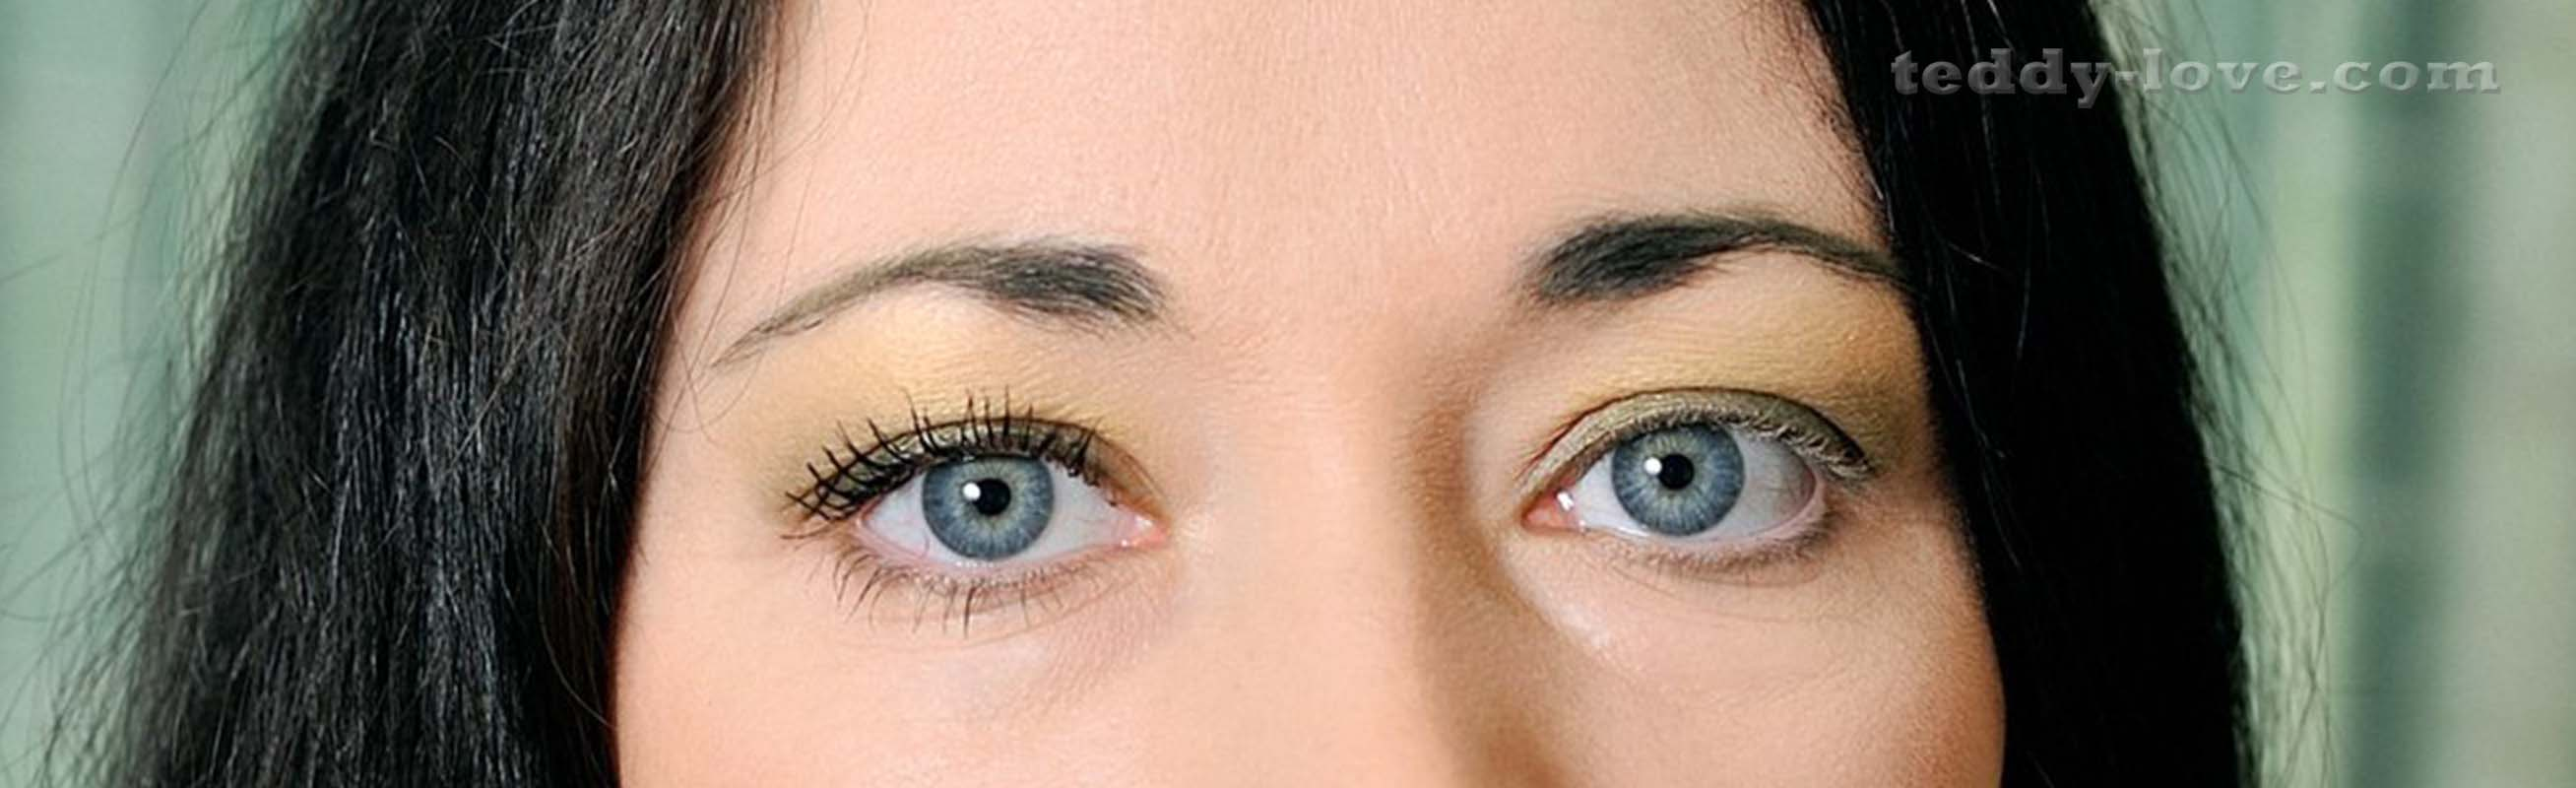 Один глаз накрашен, второй нет